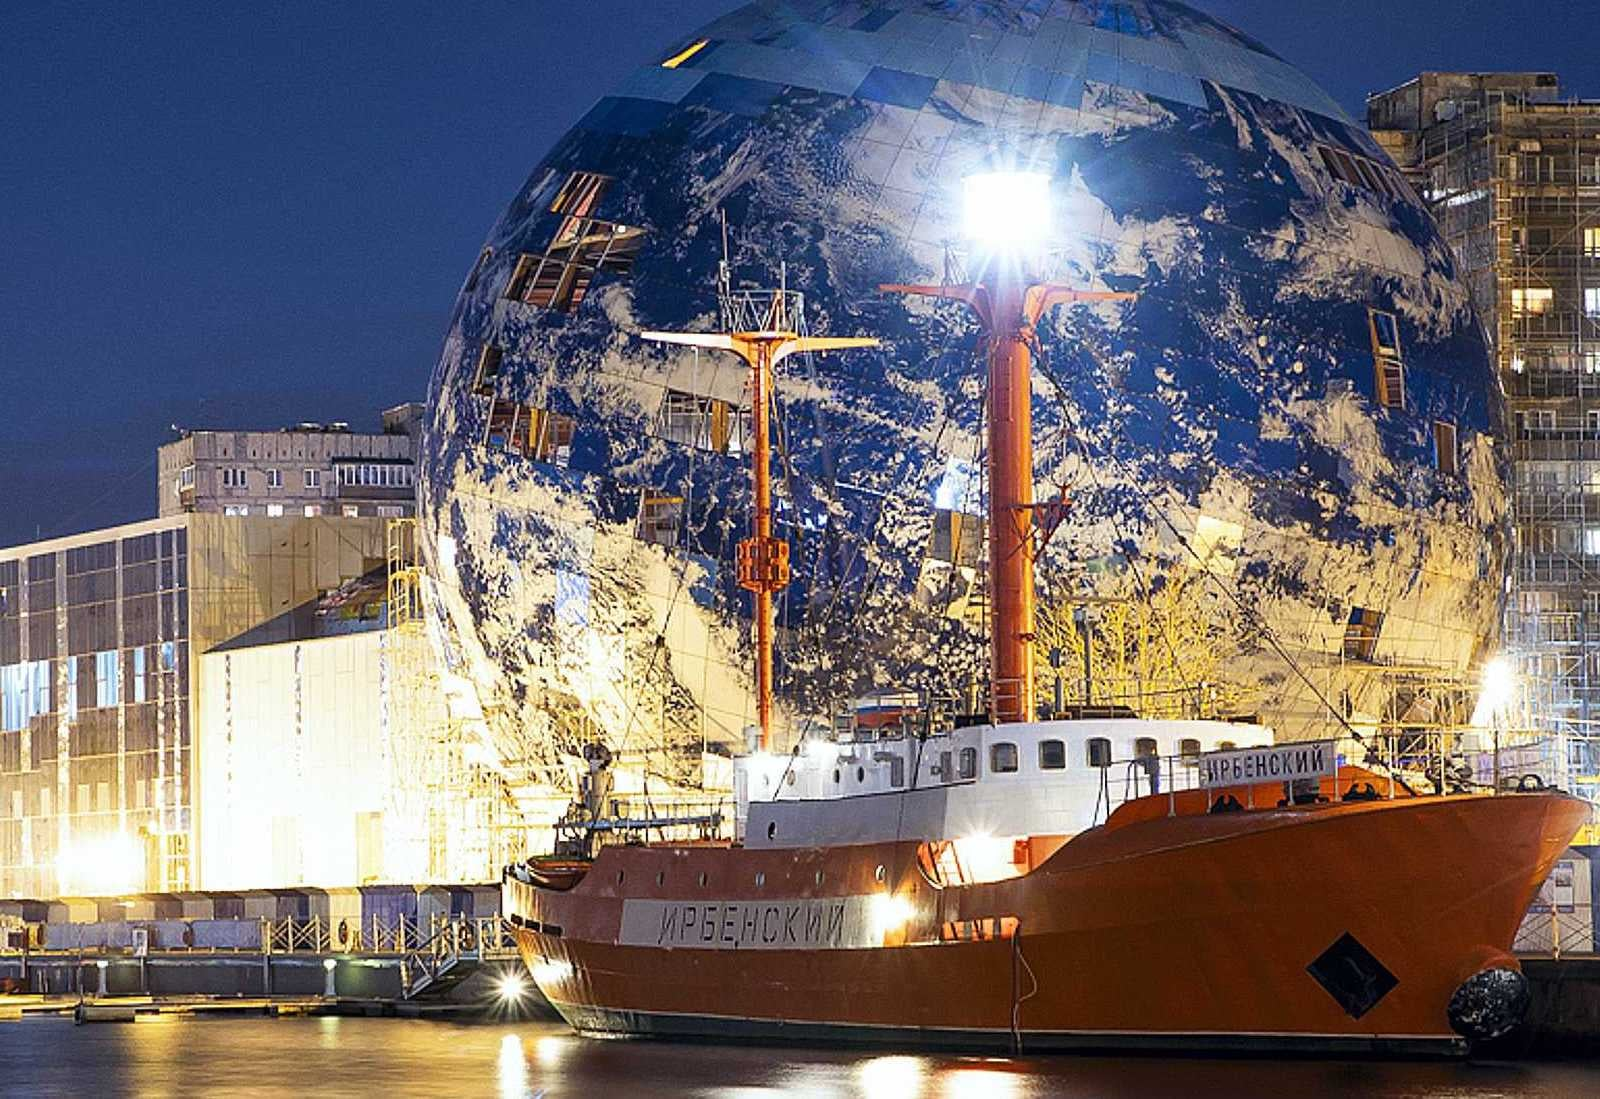 Вековой юбилей барка «Седов» отмечают в Музее Мирового океана 23 марта 2021 года.